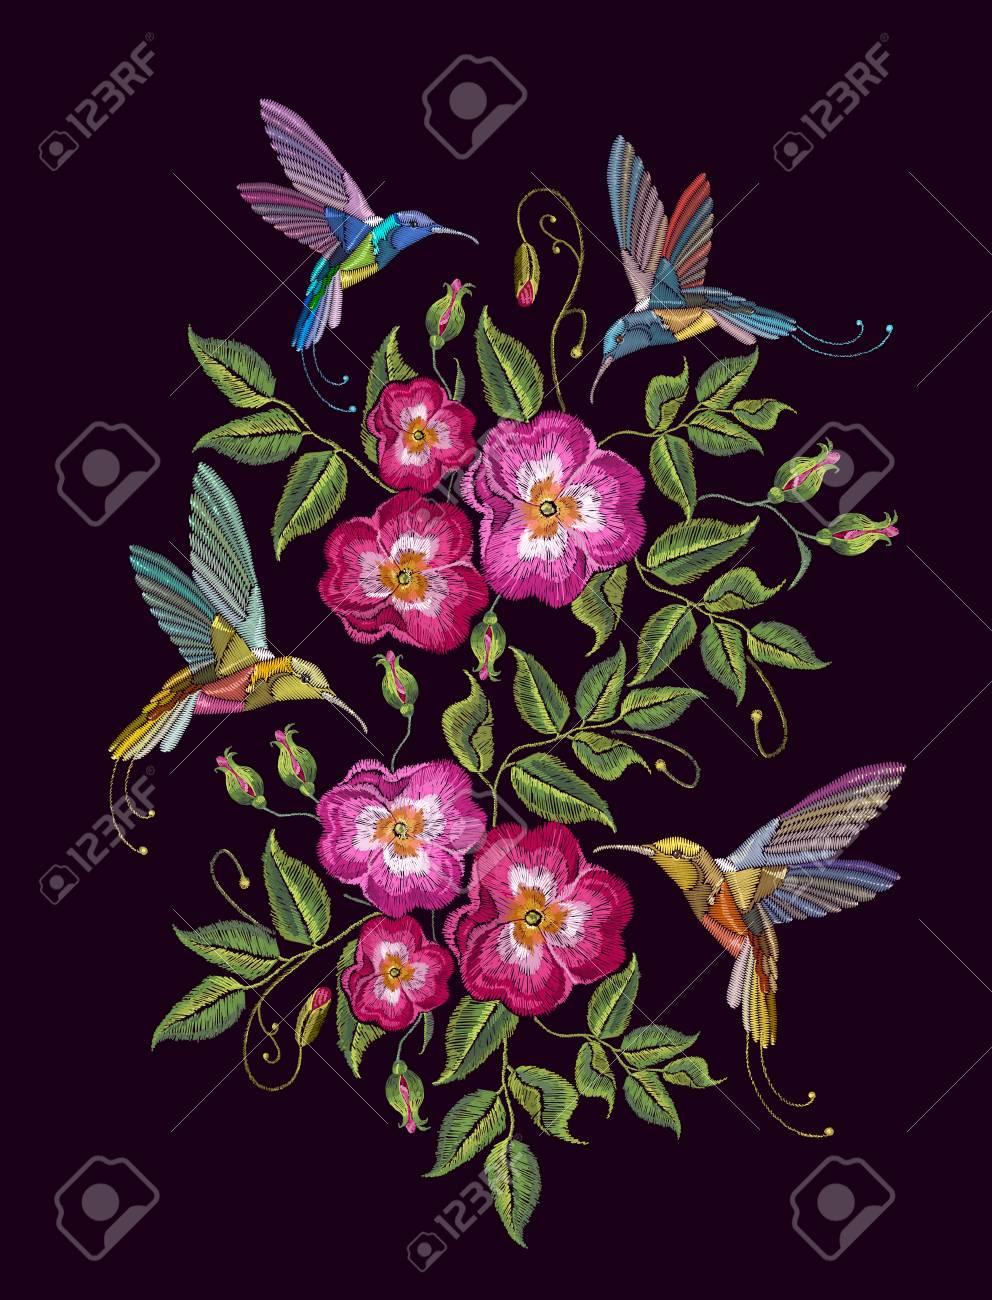 Vettoriale Ricamo Di Colibrì E Rose Selvatiche Su Sfondo Nero